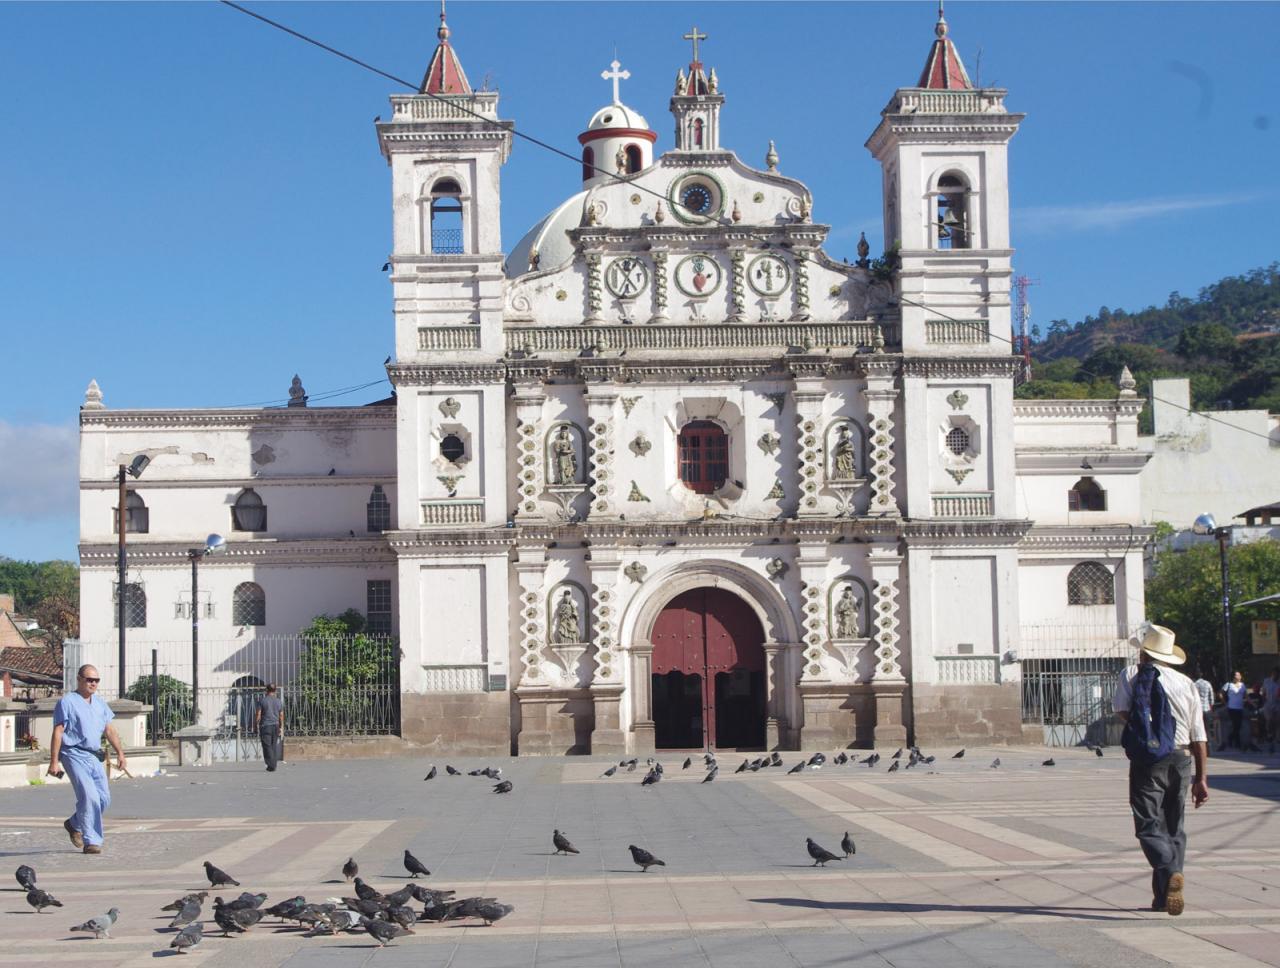 تيجوسيجالبا عاصمة هندوراس